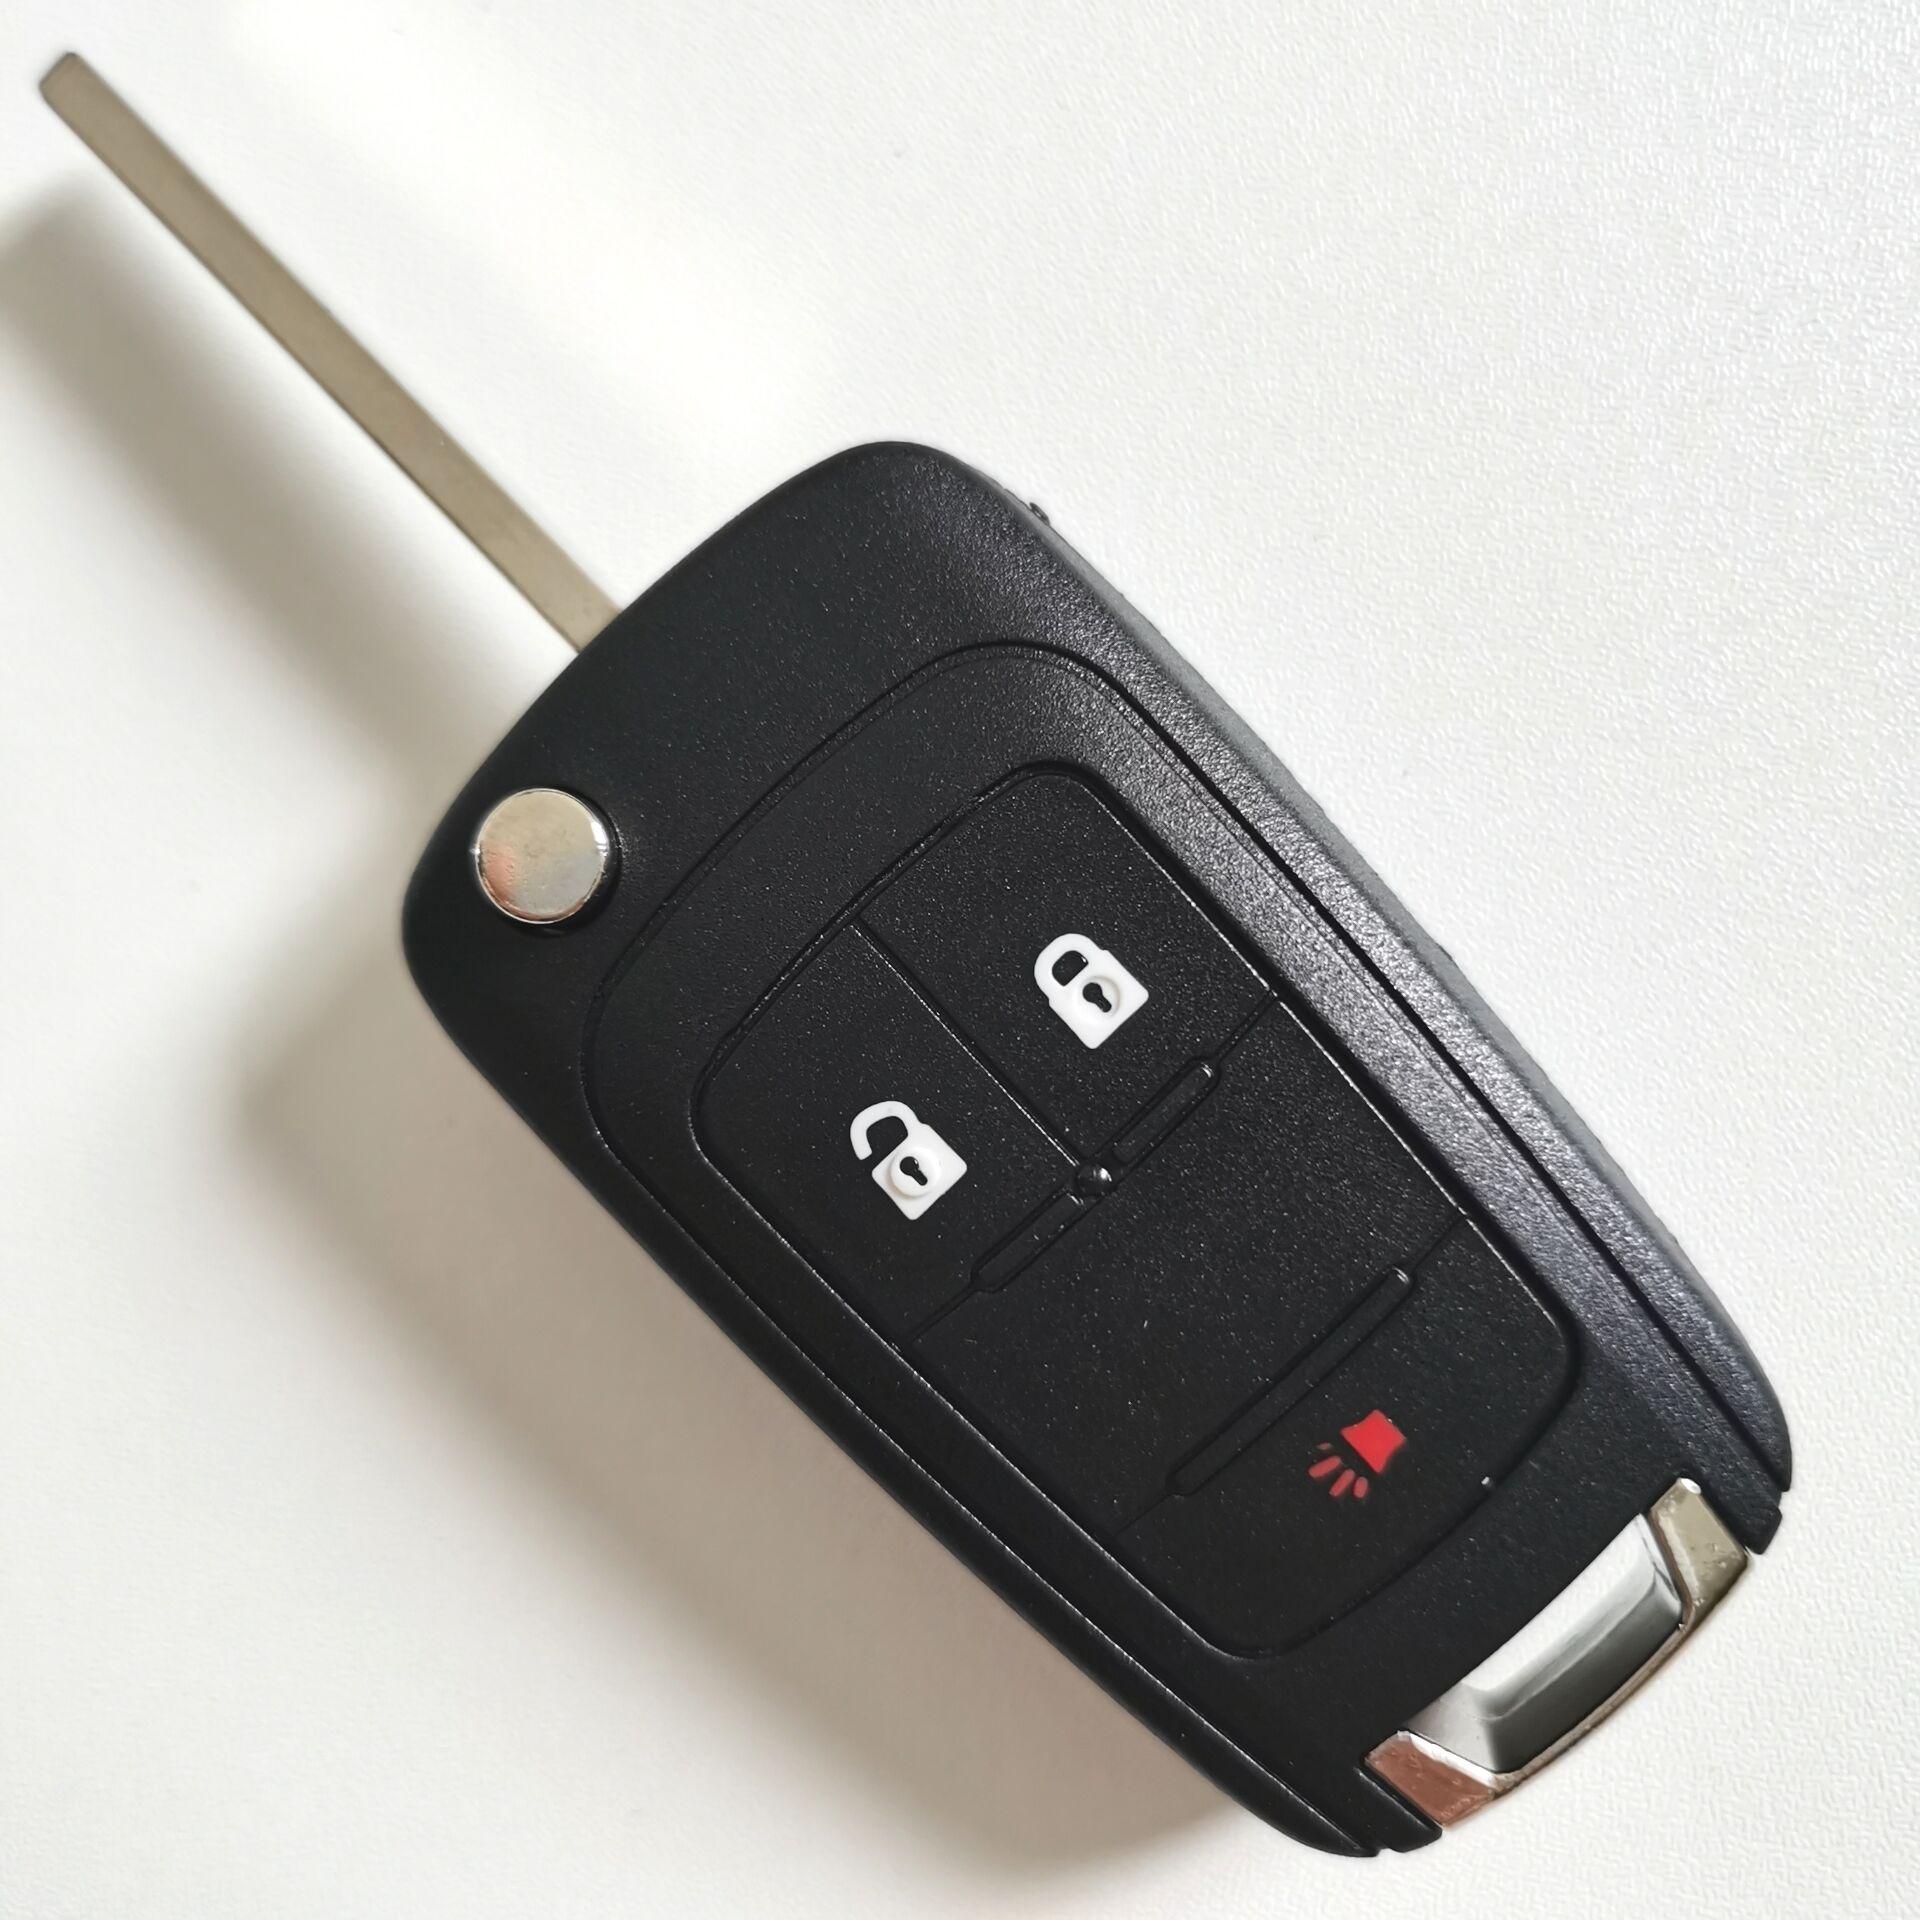 3 Button Genuine Remote Shell for Chevrolet Camaro (5pcs)